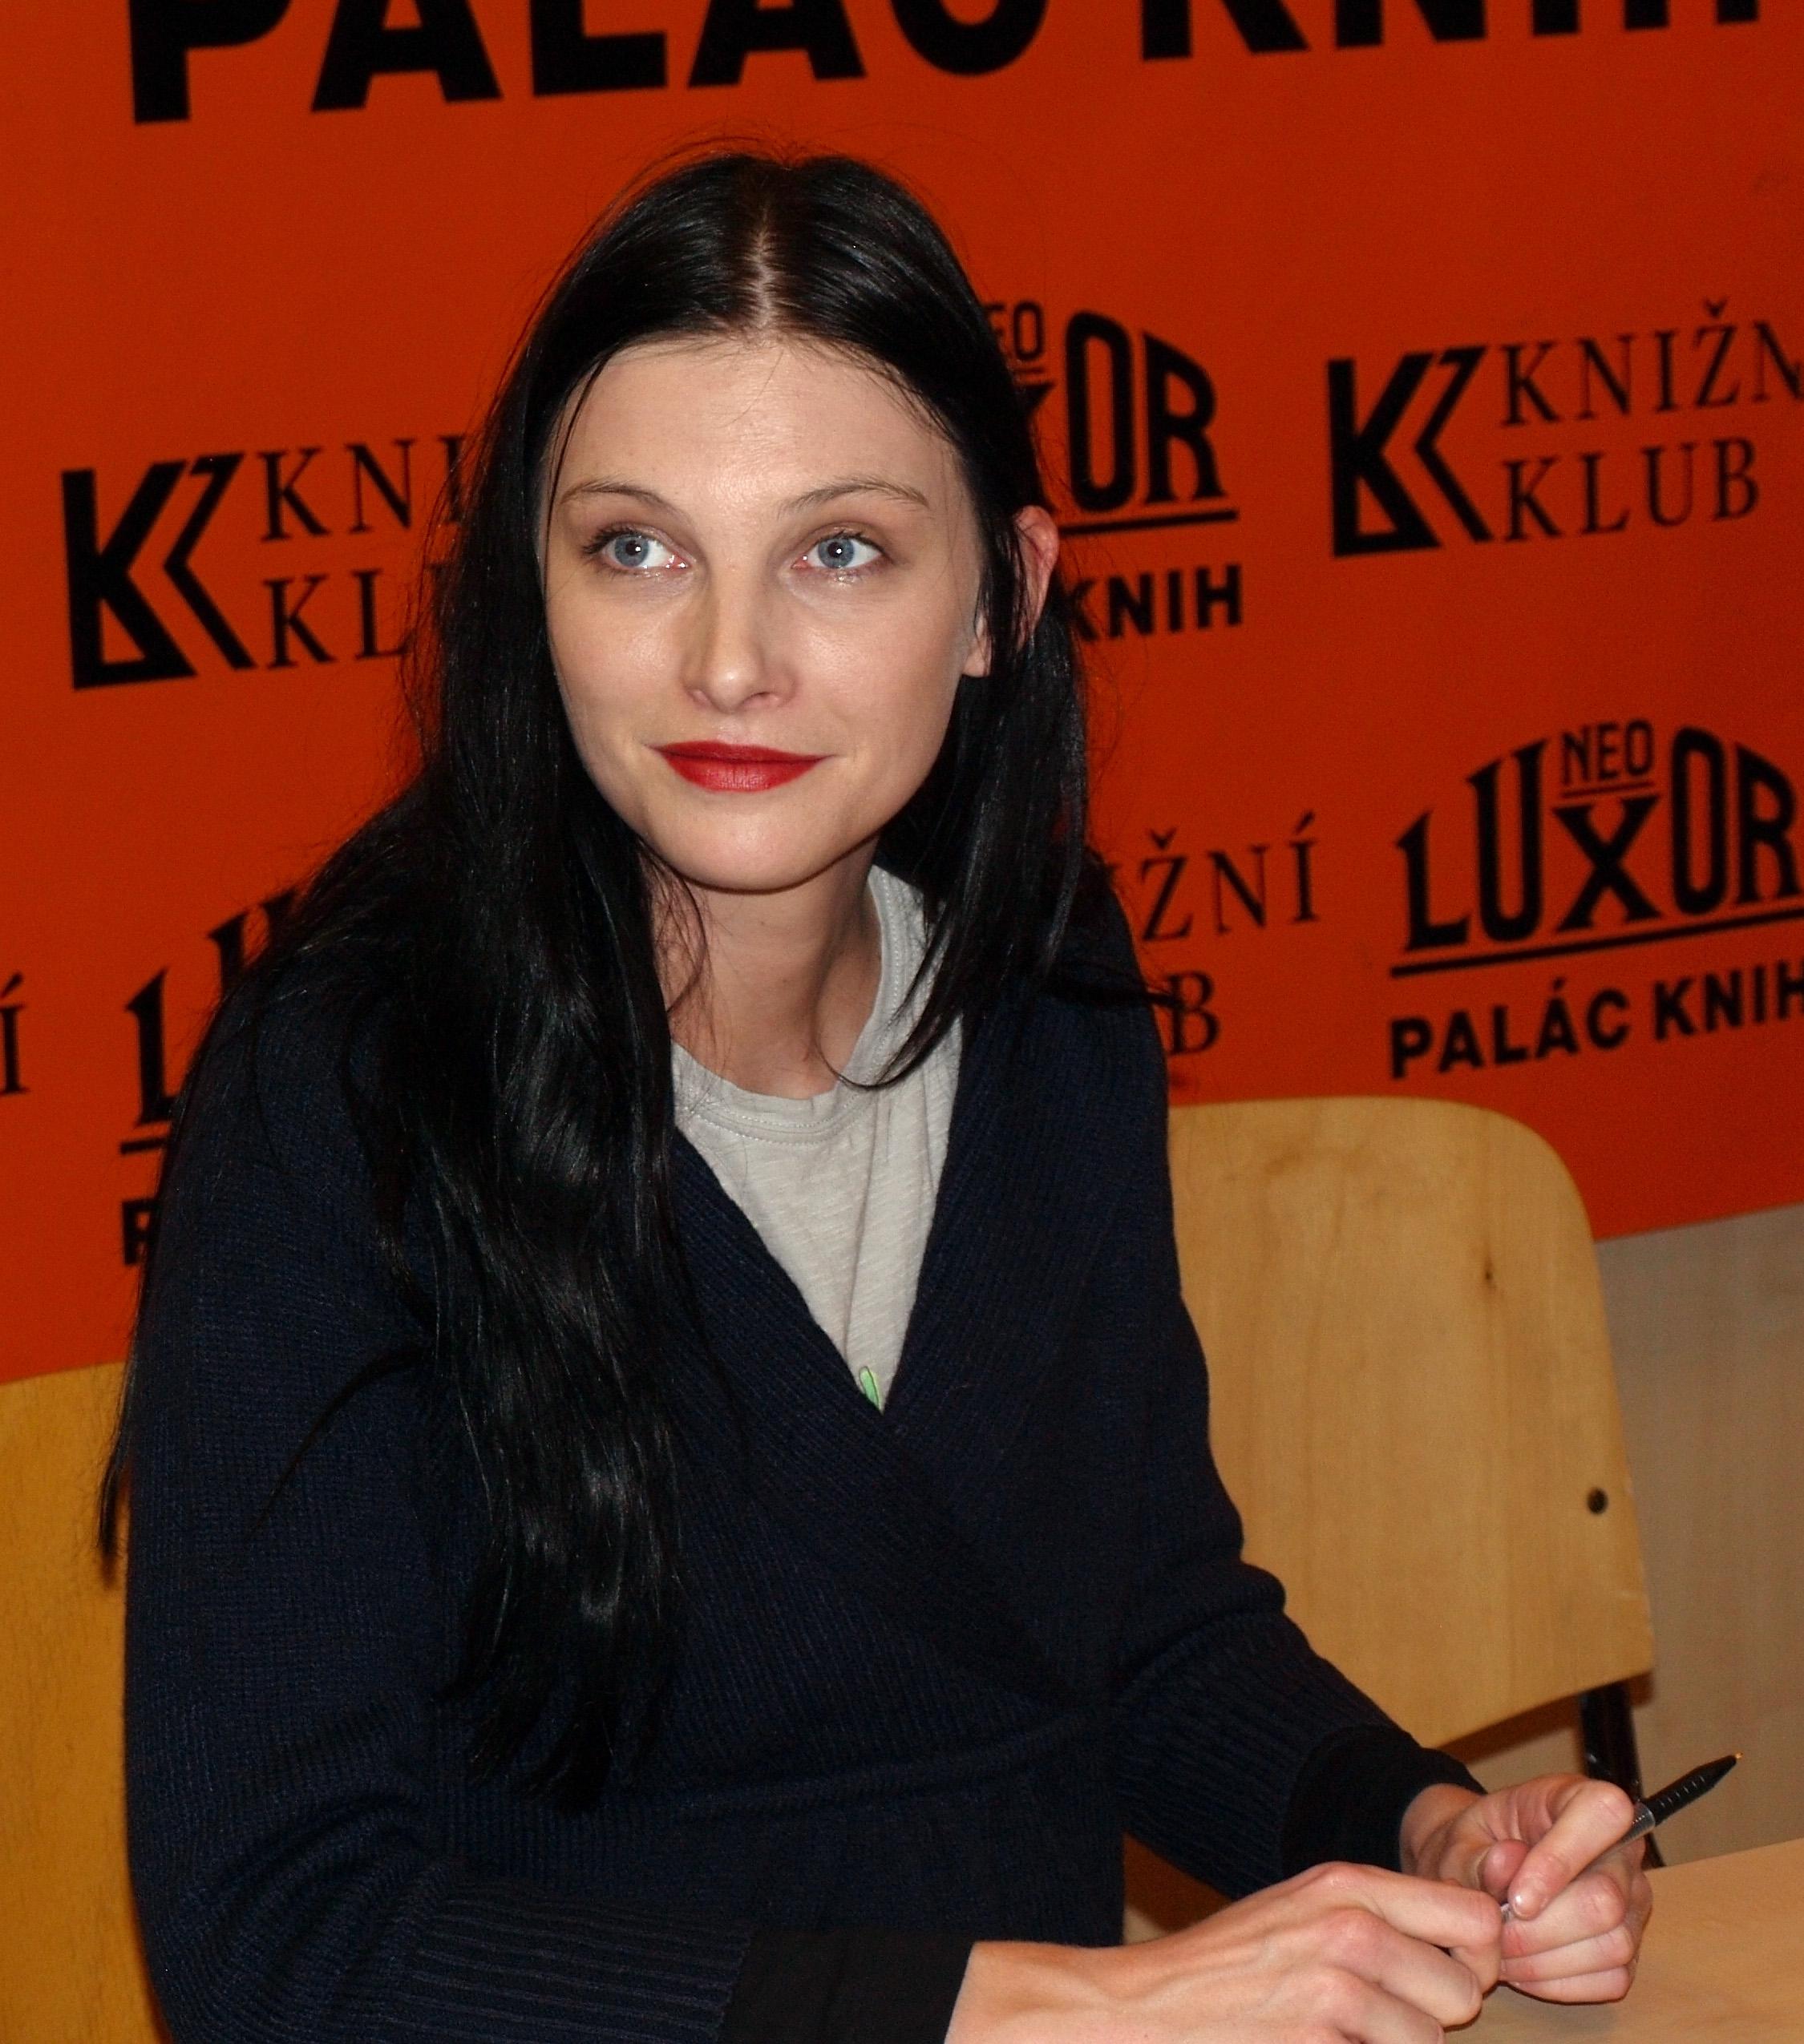 Iva Frühlingová in Prague (October 2009)